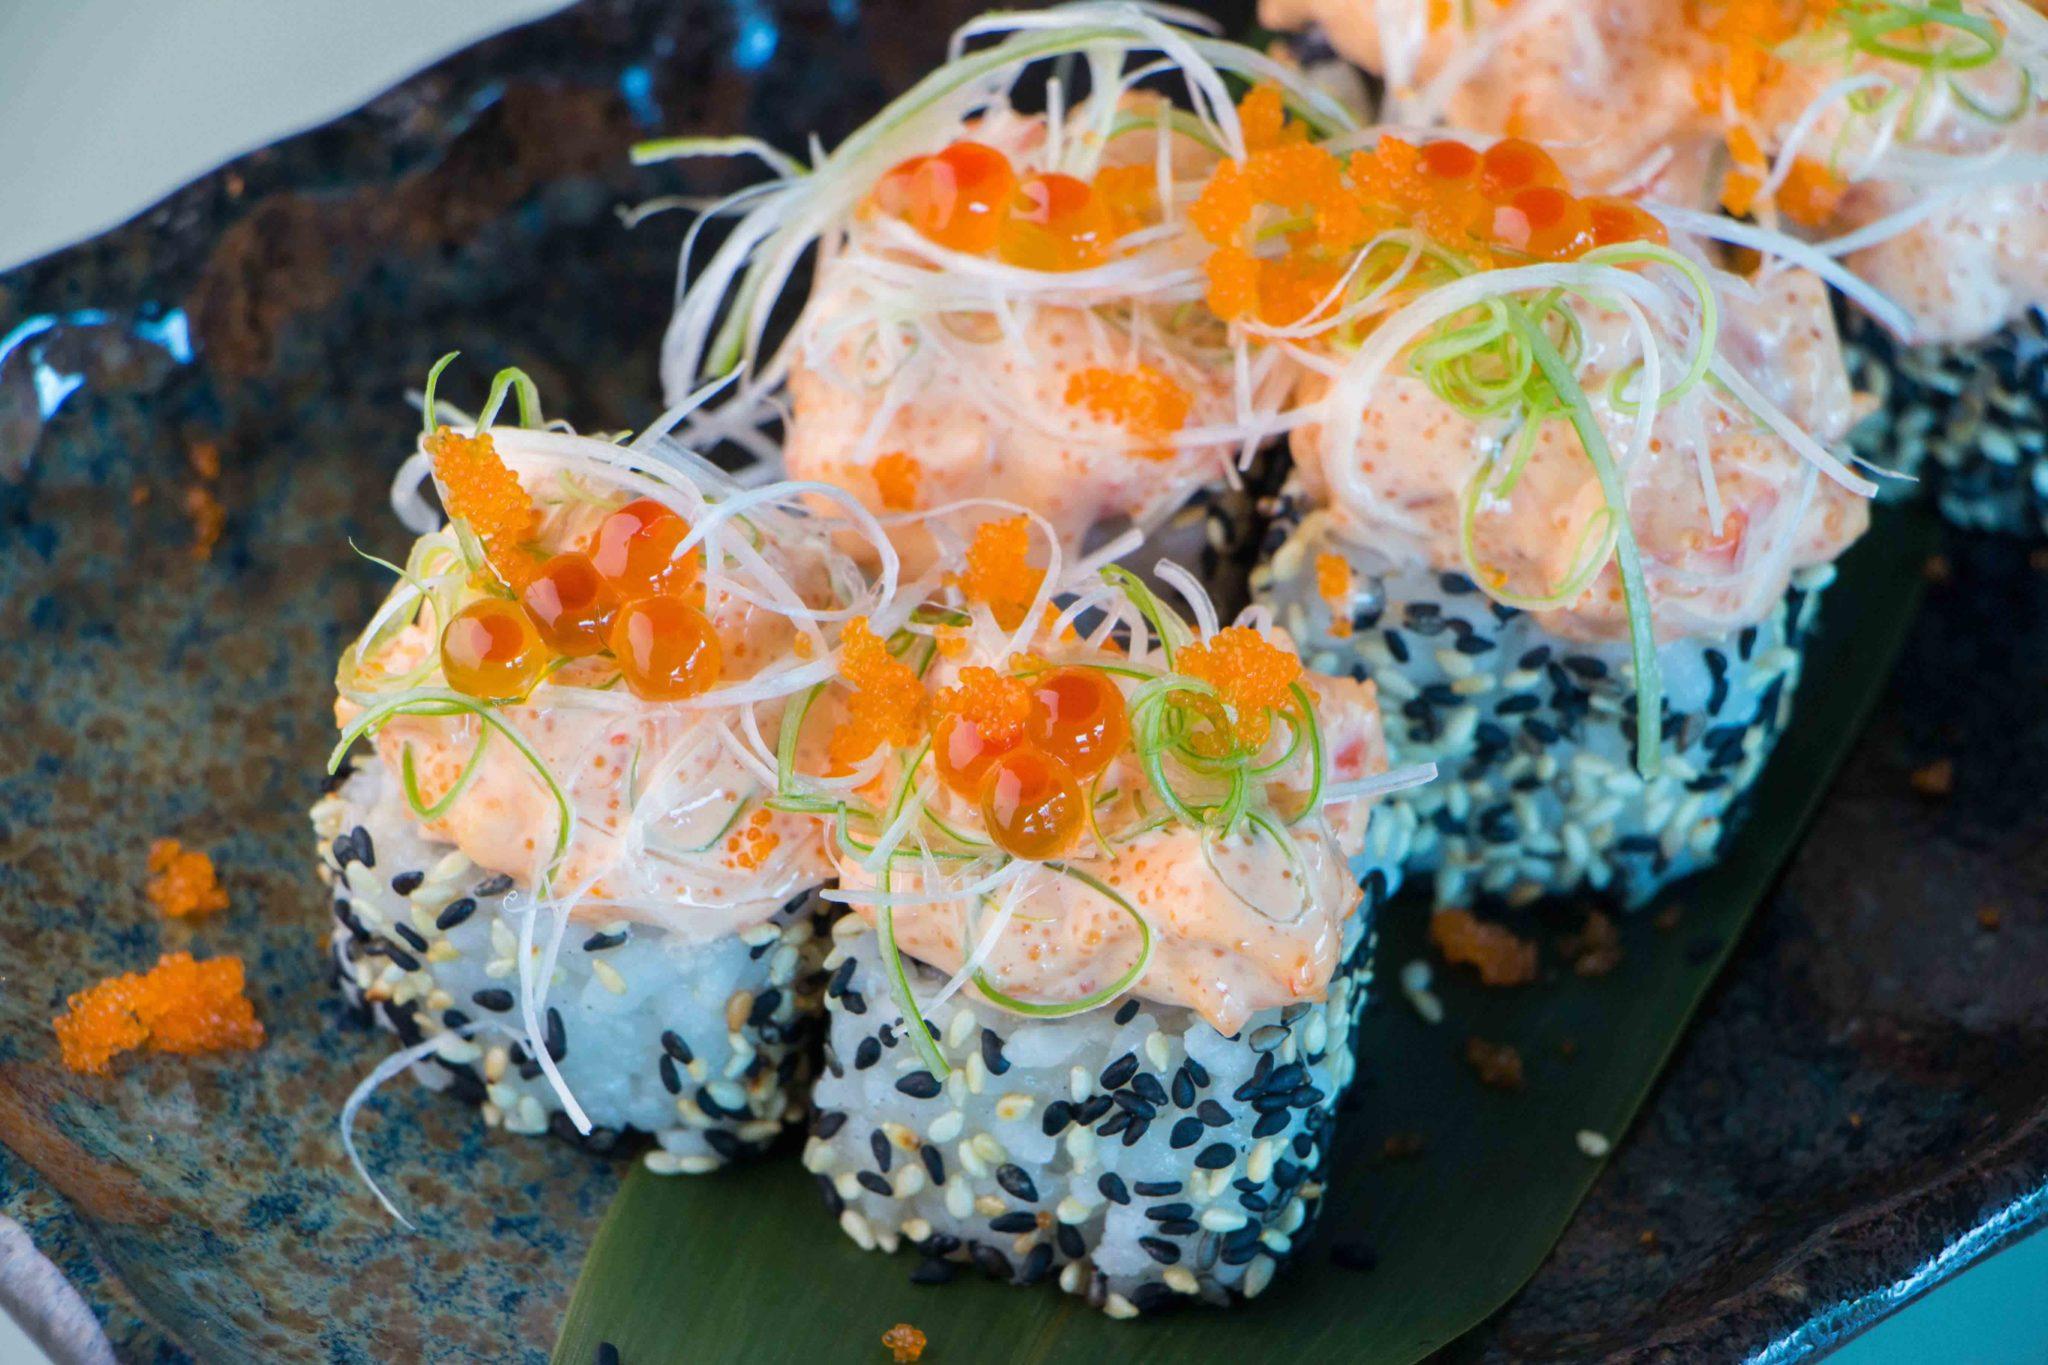 นิชิกิ บุฟเฟ่ต์อาหารญี่ปุ่น มา 4 จ่าย 3 เมนูให้เลือกกว่า 77 รายการ 2 -